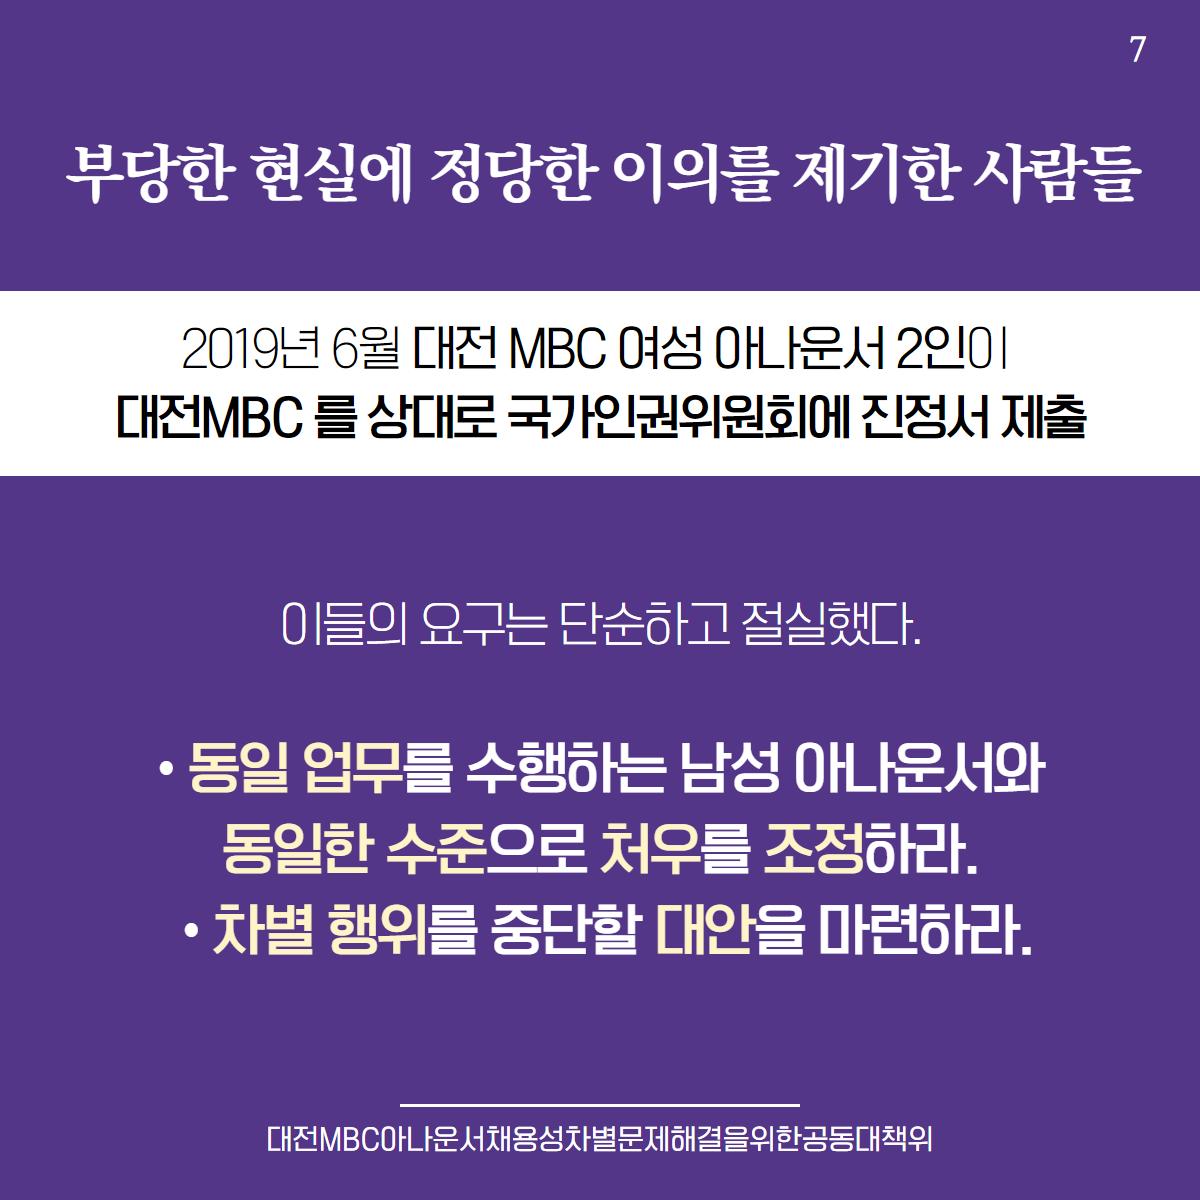 대전MBC_인권위결정1-7.png